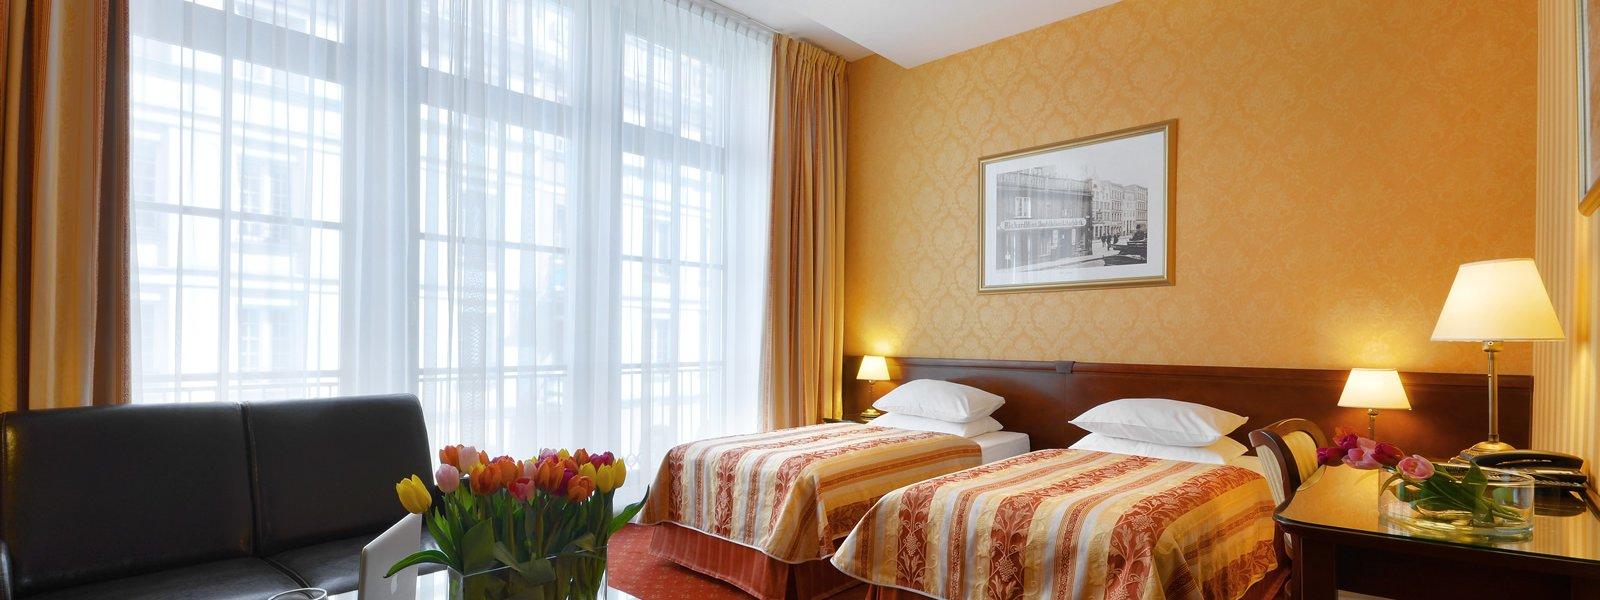 Apartament Lux Hotel Wolne Miasto Gdansk